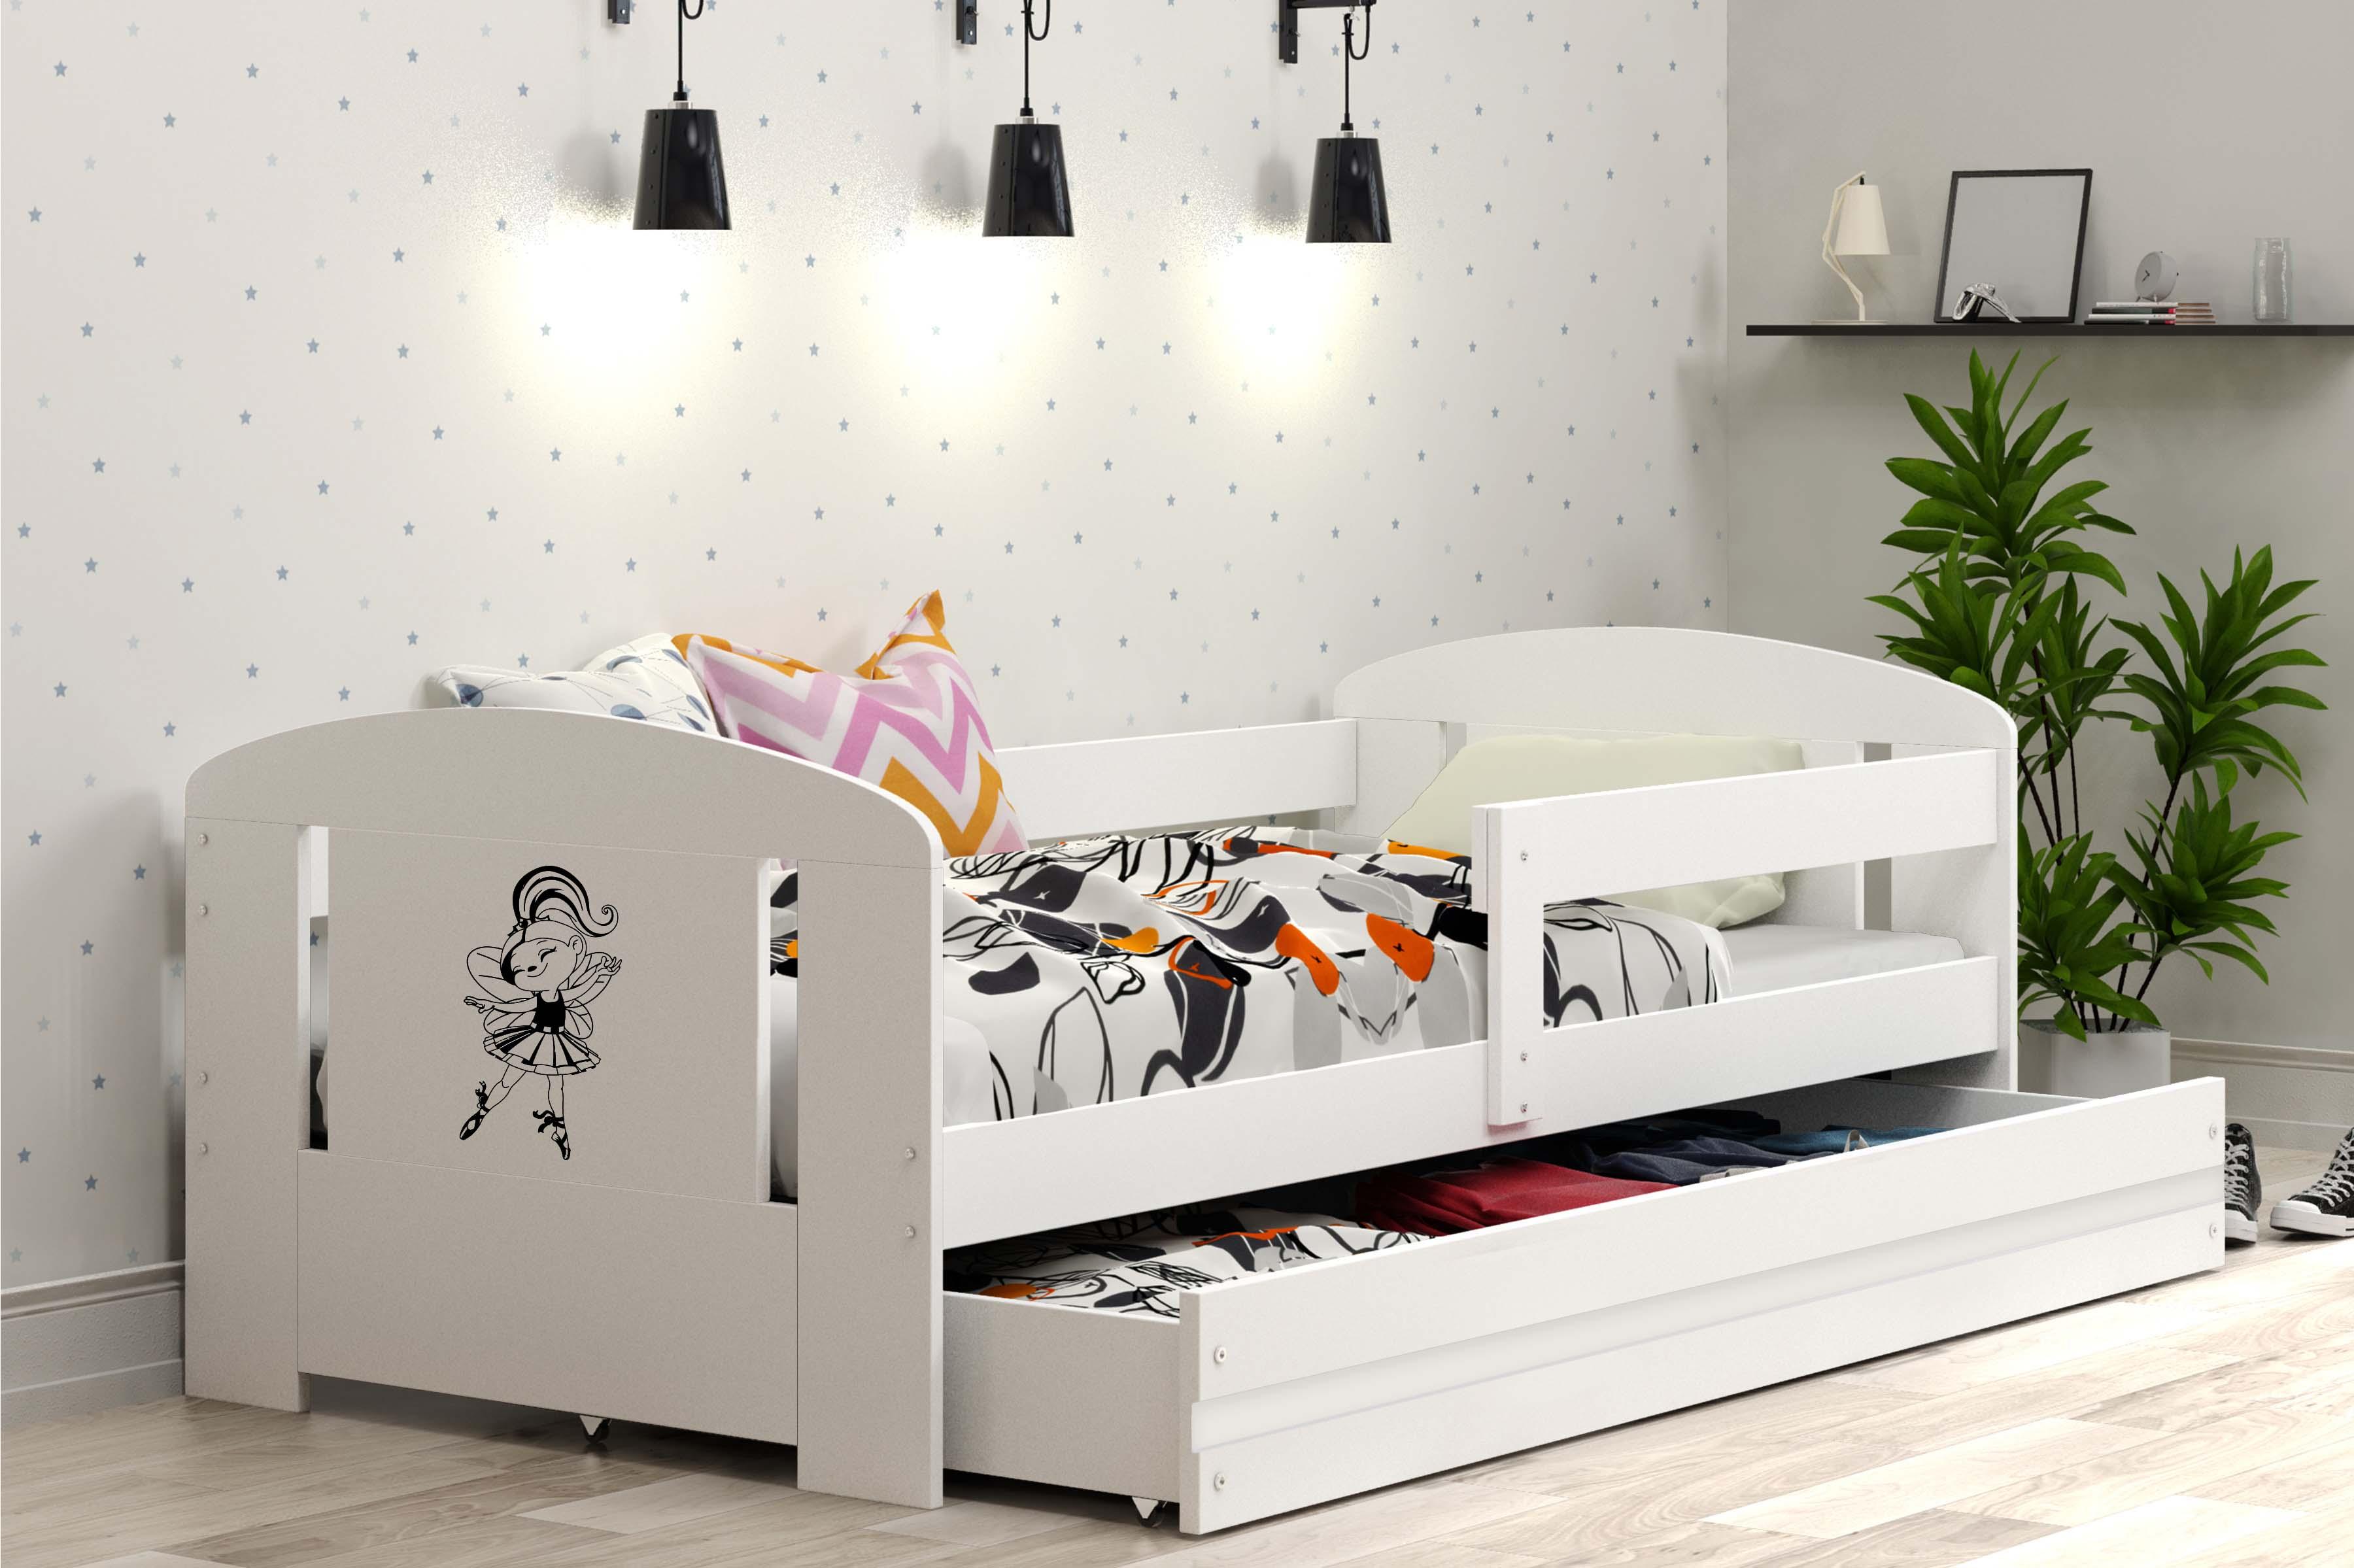 أسرّة مفردة من ايكيا (26 صورة): سرير خشبي مع مرتبة ومنتجات ...